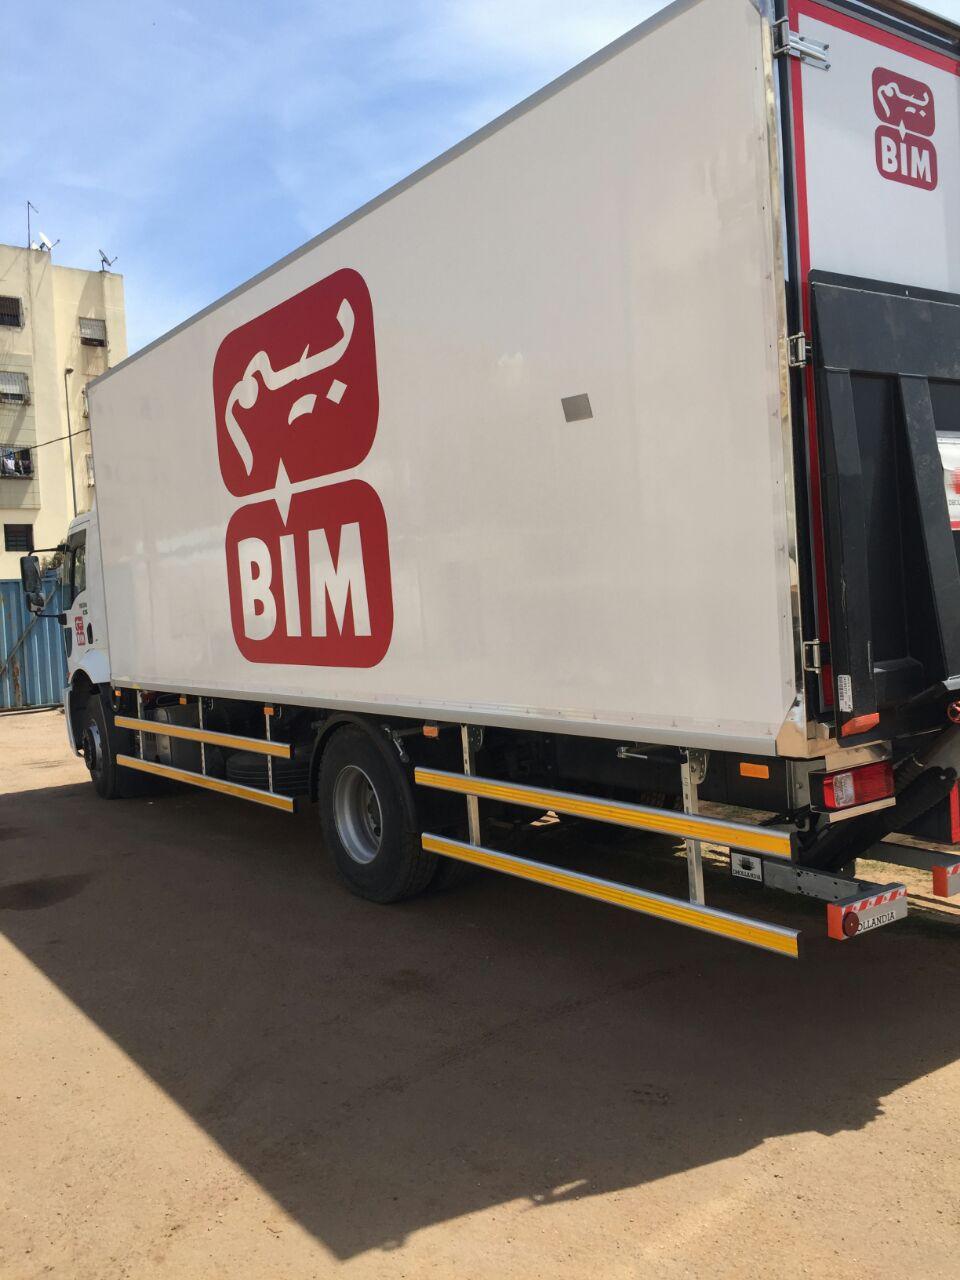 Camion awesome camion mudanza camiones de entrega normal - Transporter un frigo couche ...